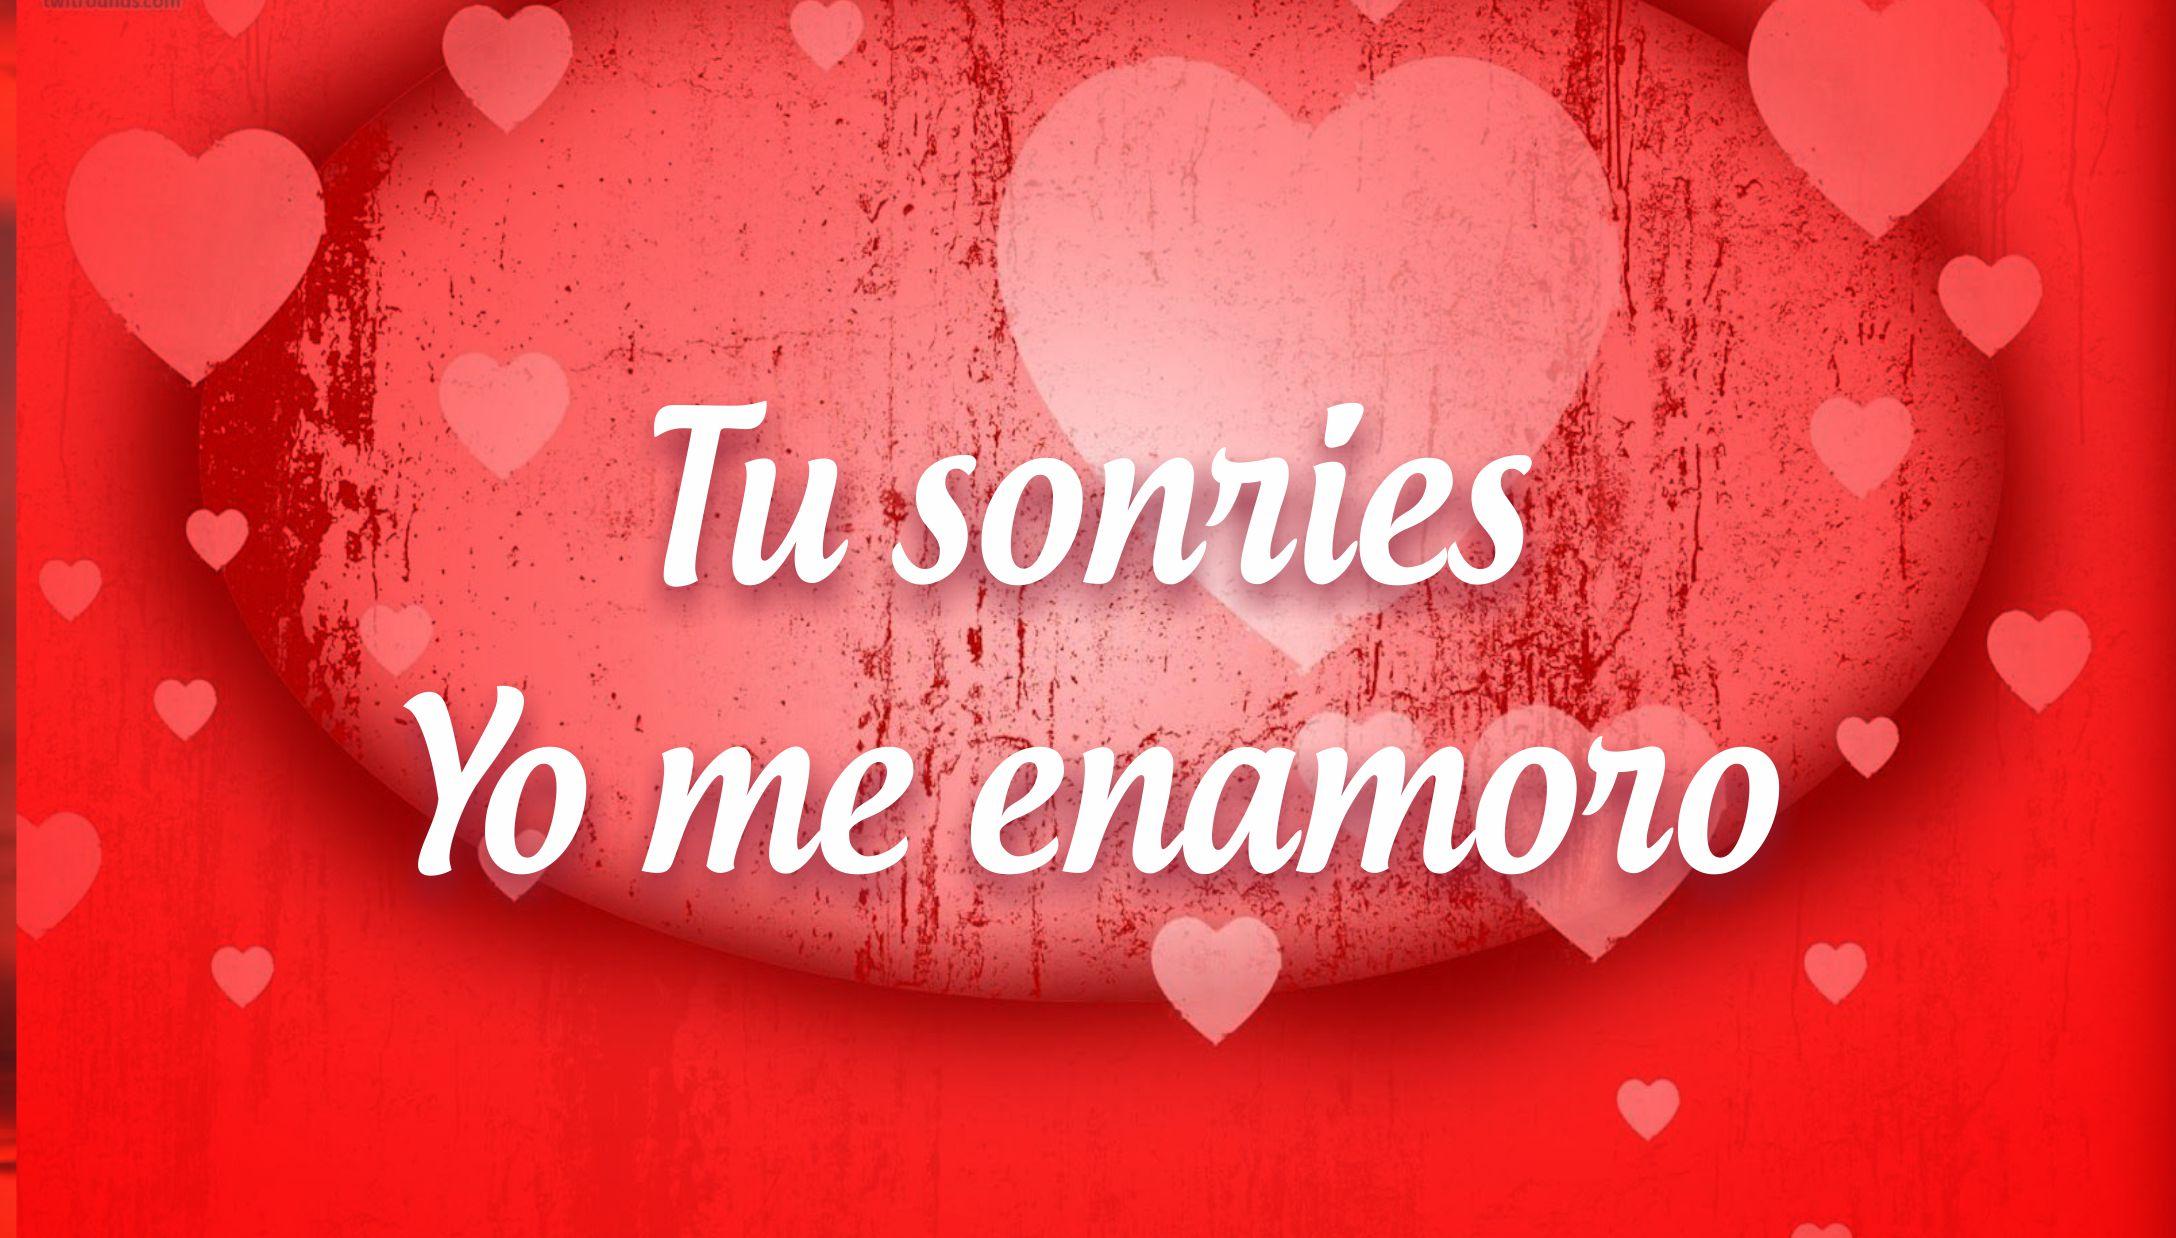 Imagenes De Amor Con Frases De Amor: IMAGENES DE AMOR BONITAS ¡Tarjetas, Gifs Con Frases